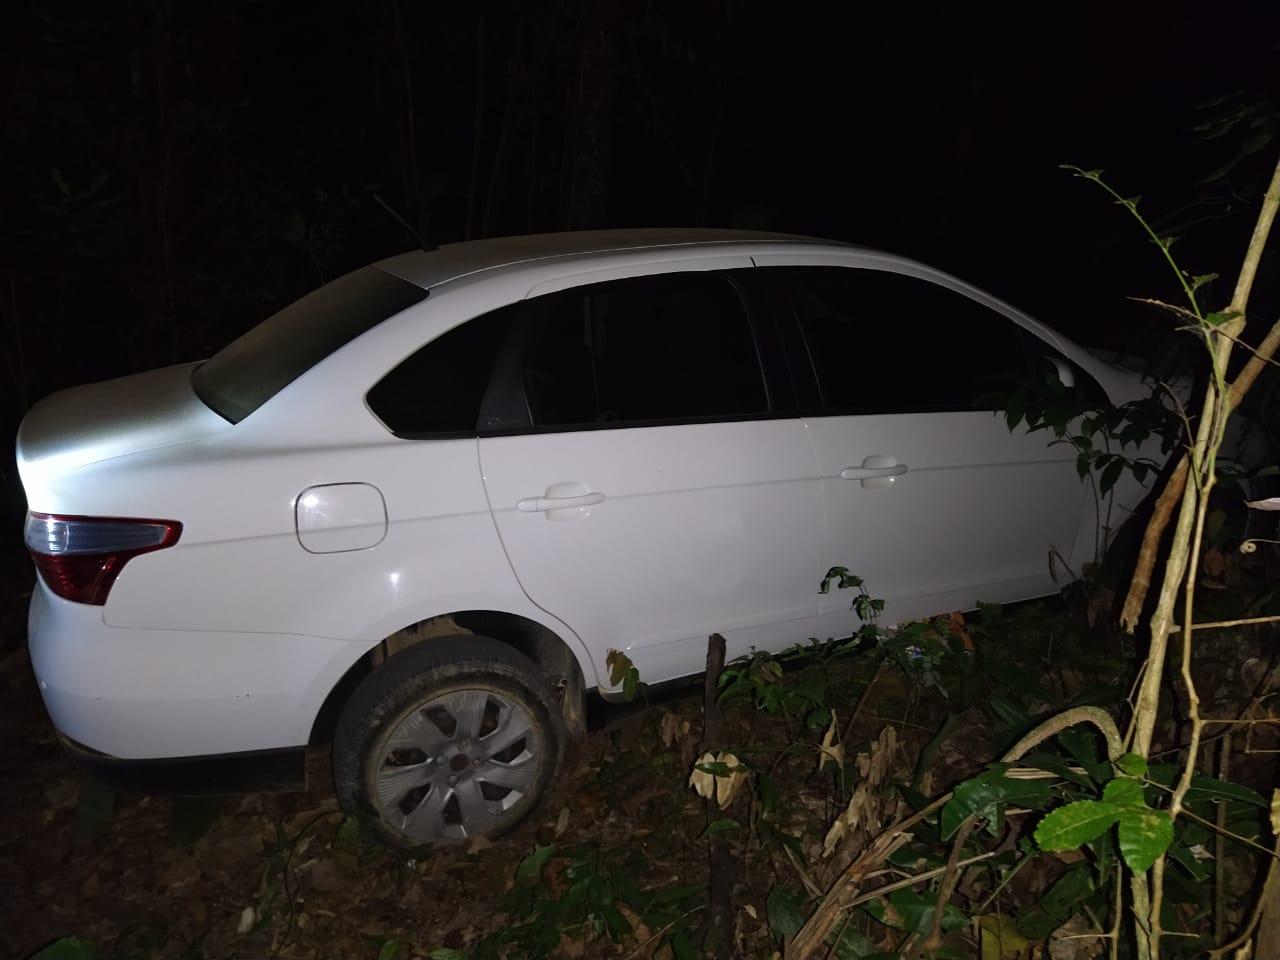 Polícia recupera veículo roubado em São Domingos do Norte